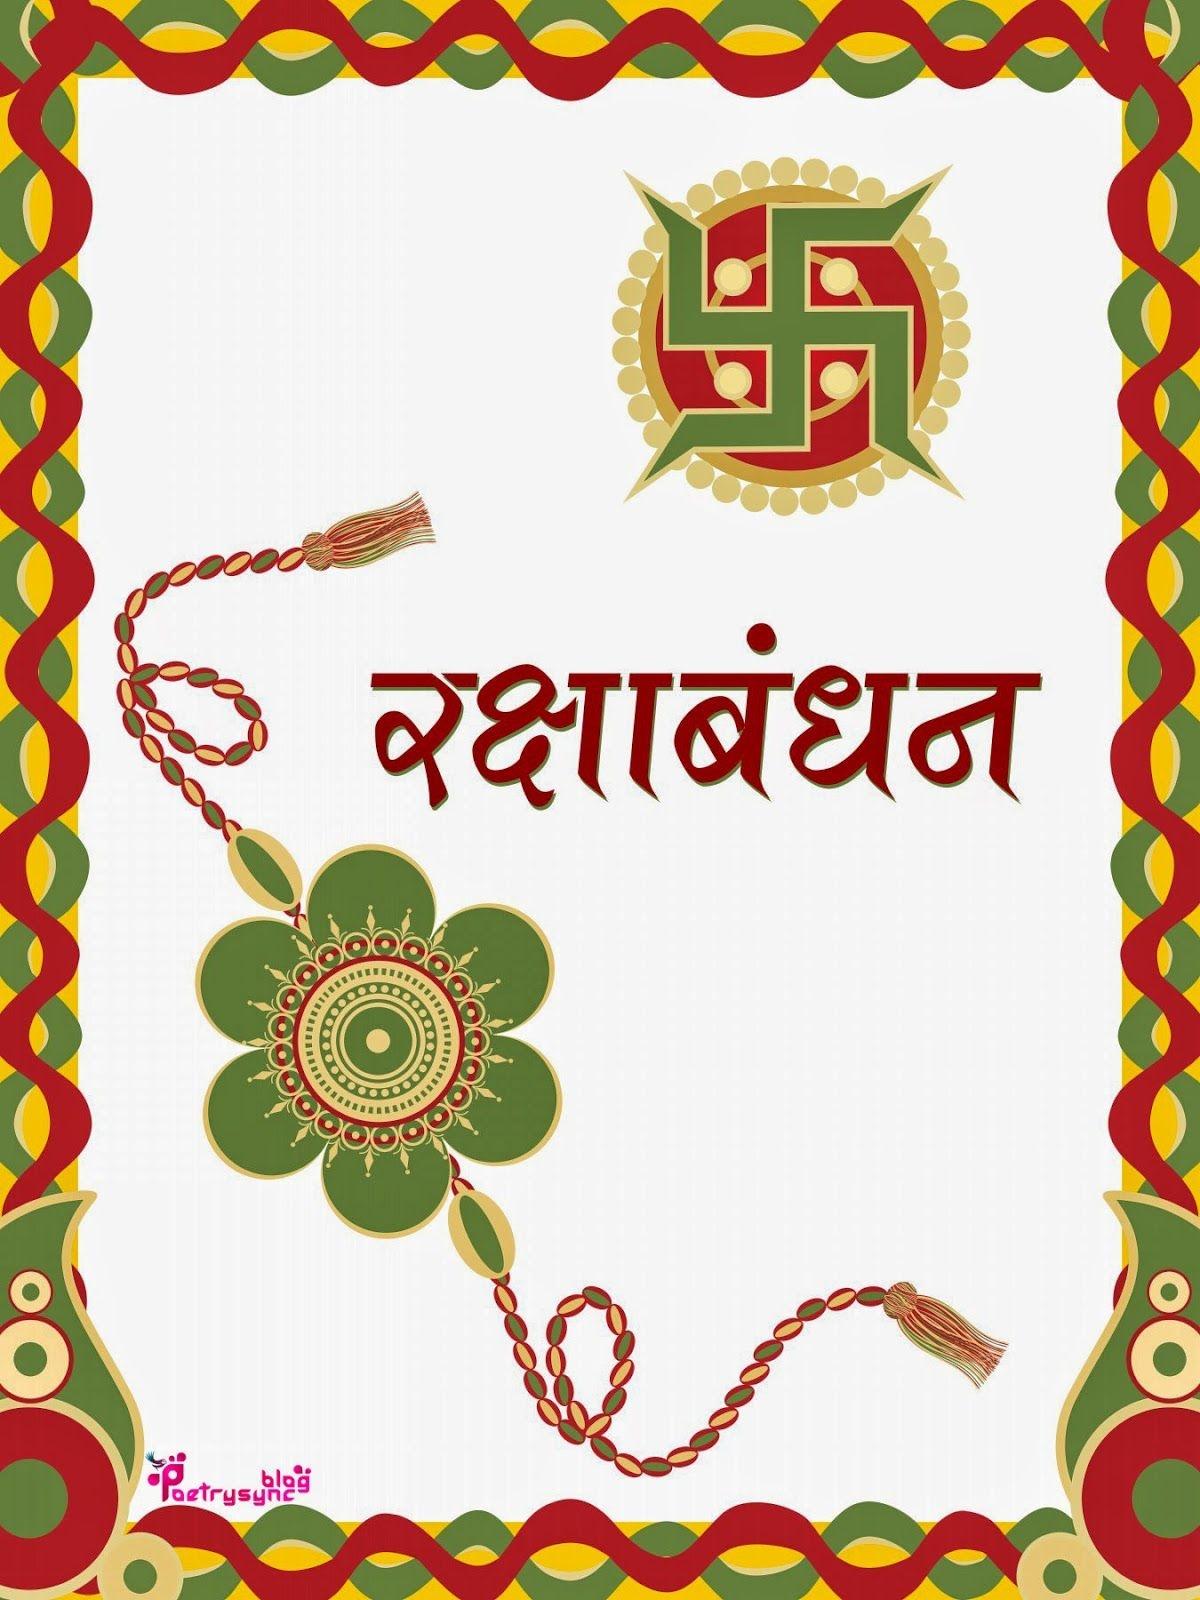 Images Of Raksha Bandhan Greeting Cards 2014   Poetry   Rakhi Cards - Free Online Printable Rakhi Cards